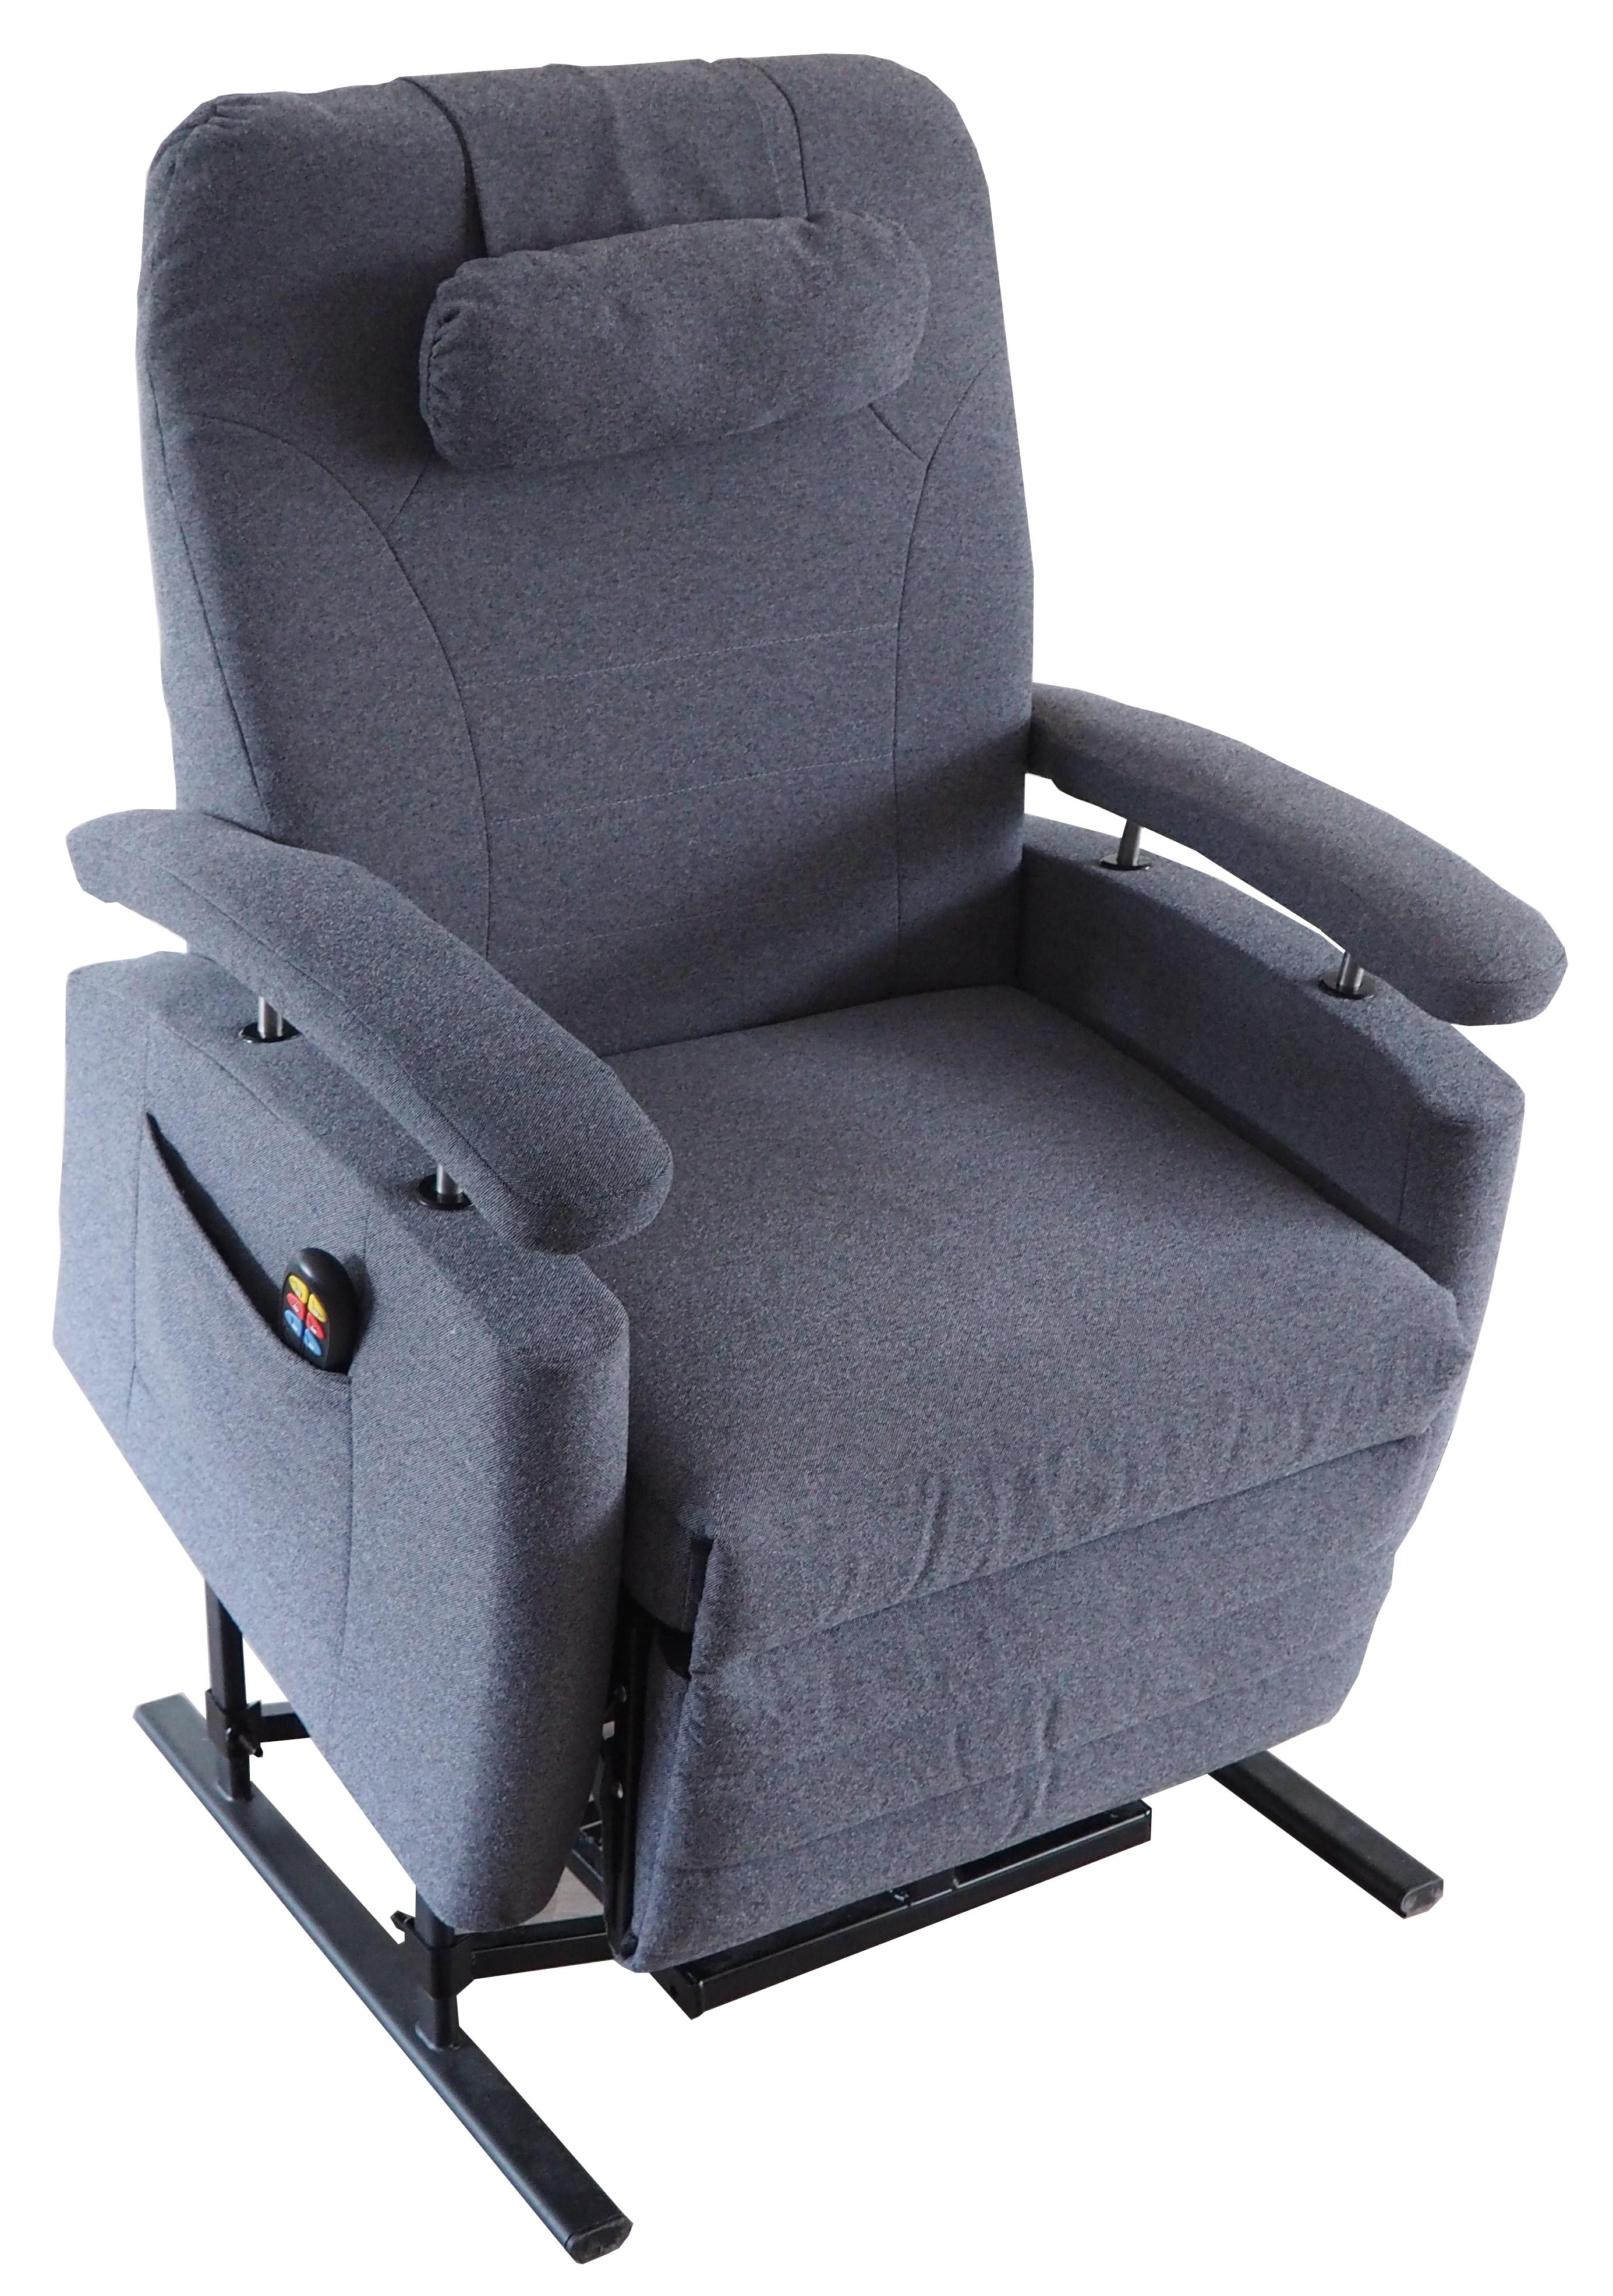 #175 XXL Sta-op stoel vario 570, 63cm breed, grijs € 80,- p/m